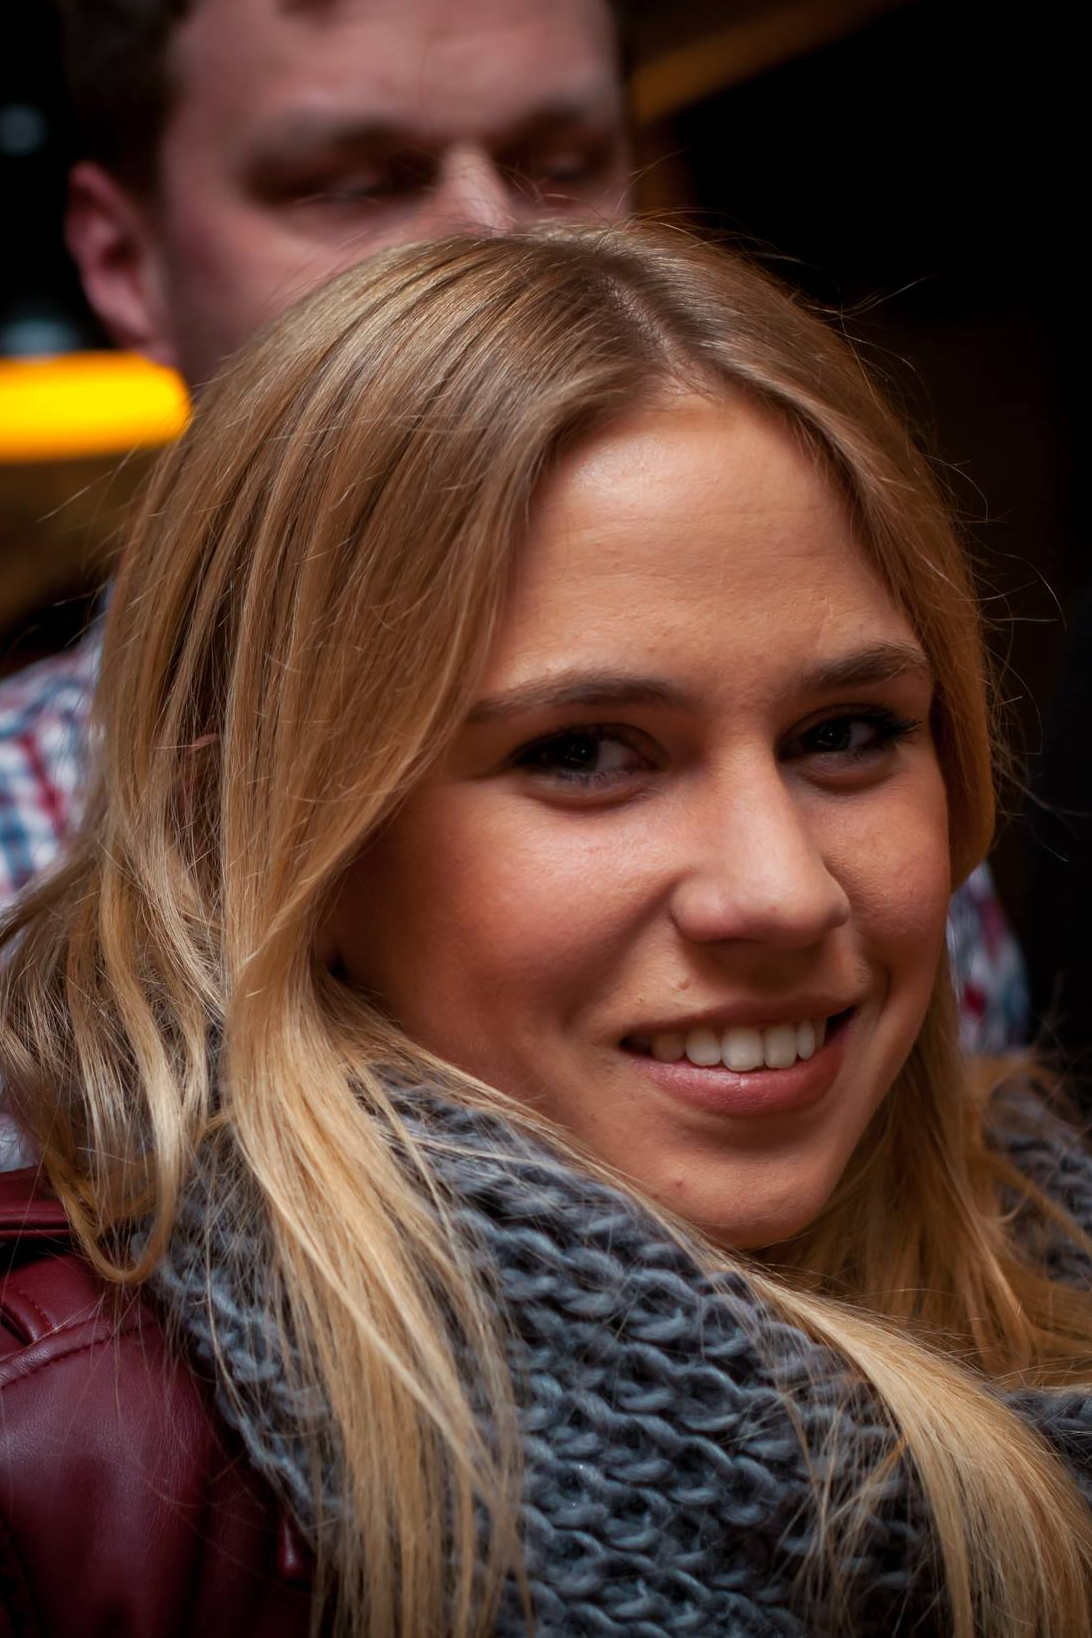 Jagna Polaczyk